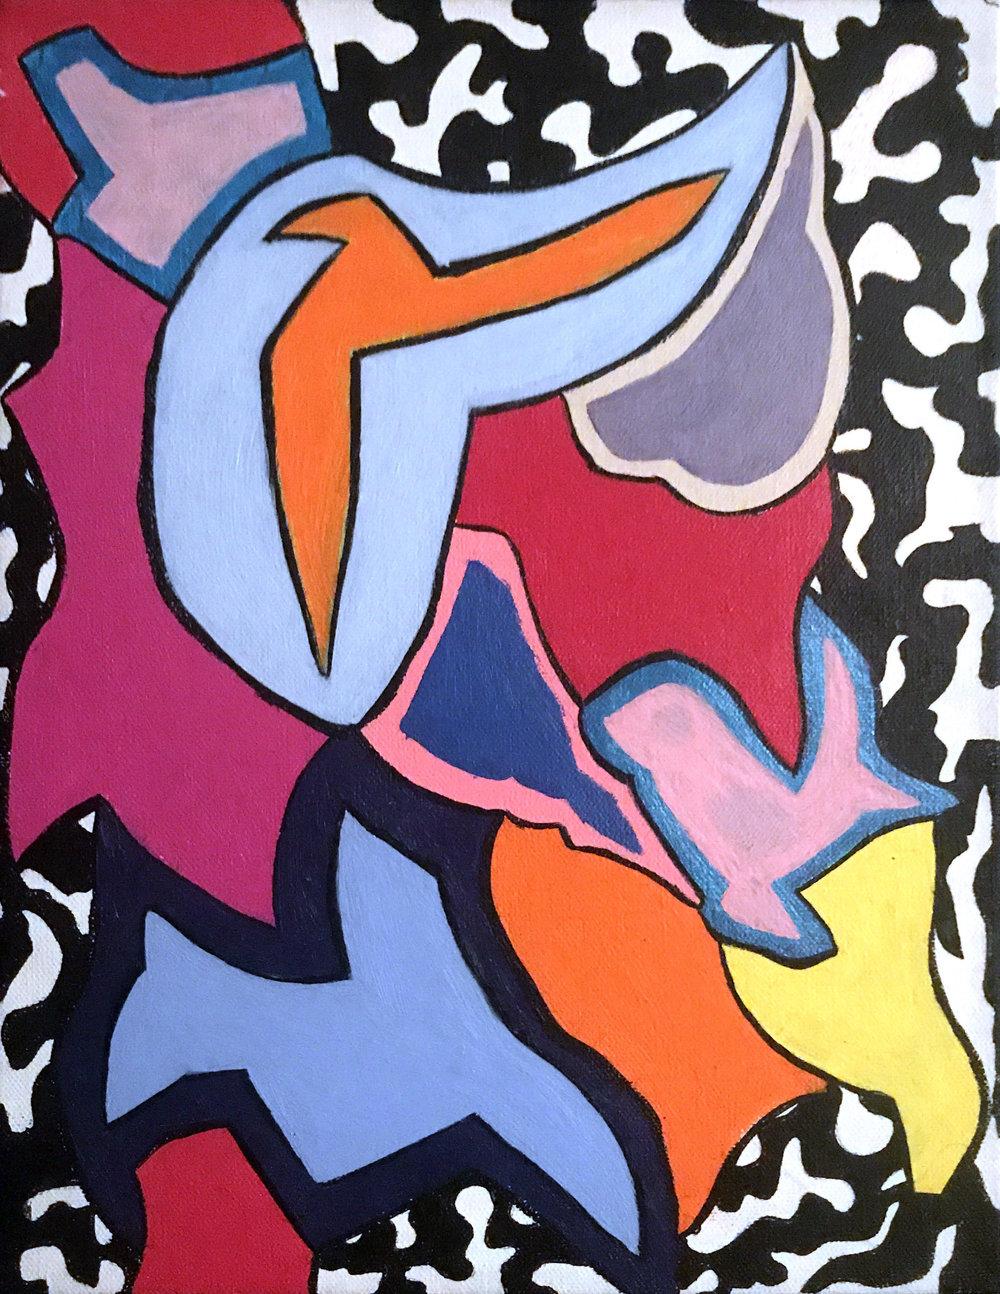 Breaking The Flow. 11x 14 in, acrylic